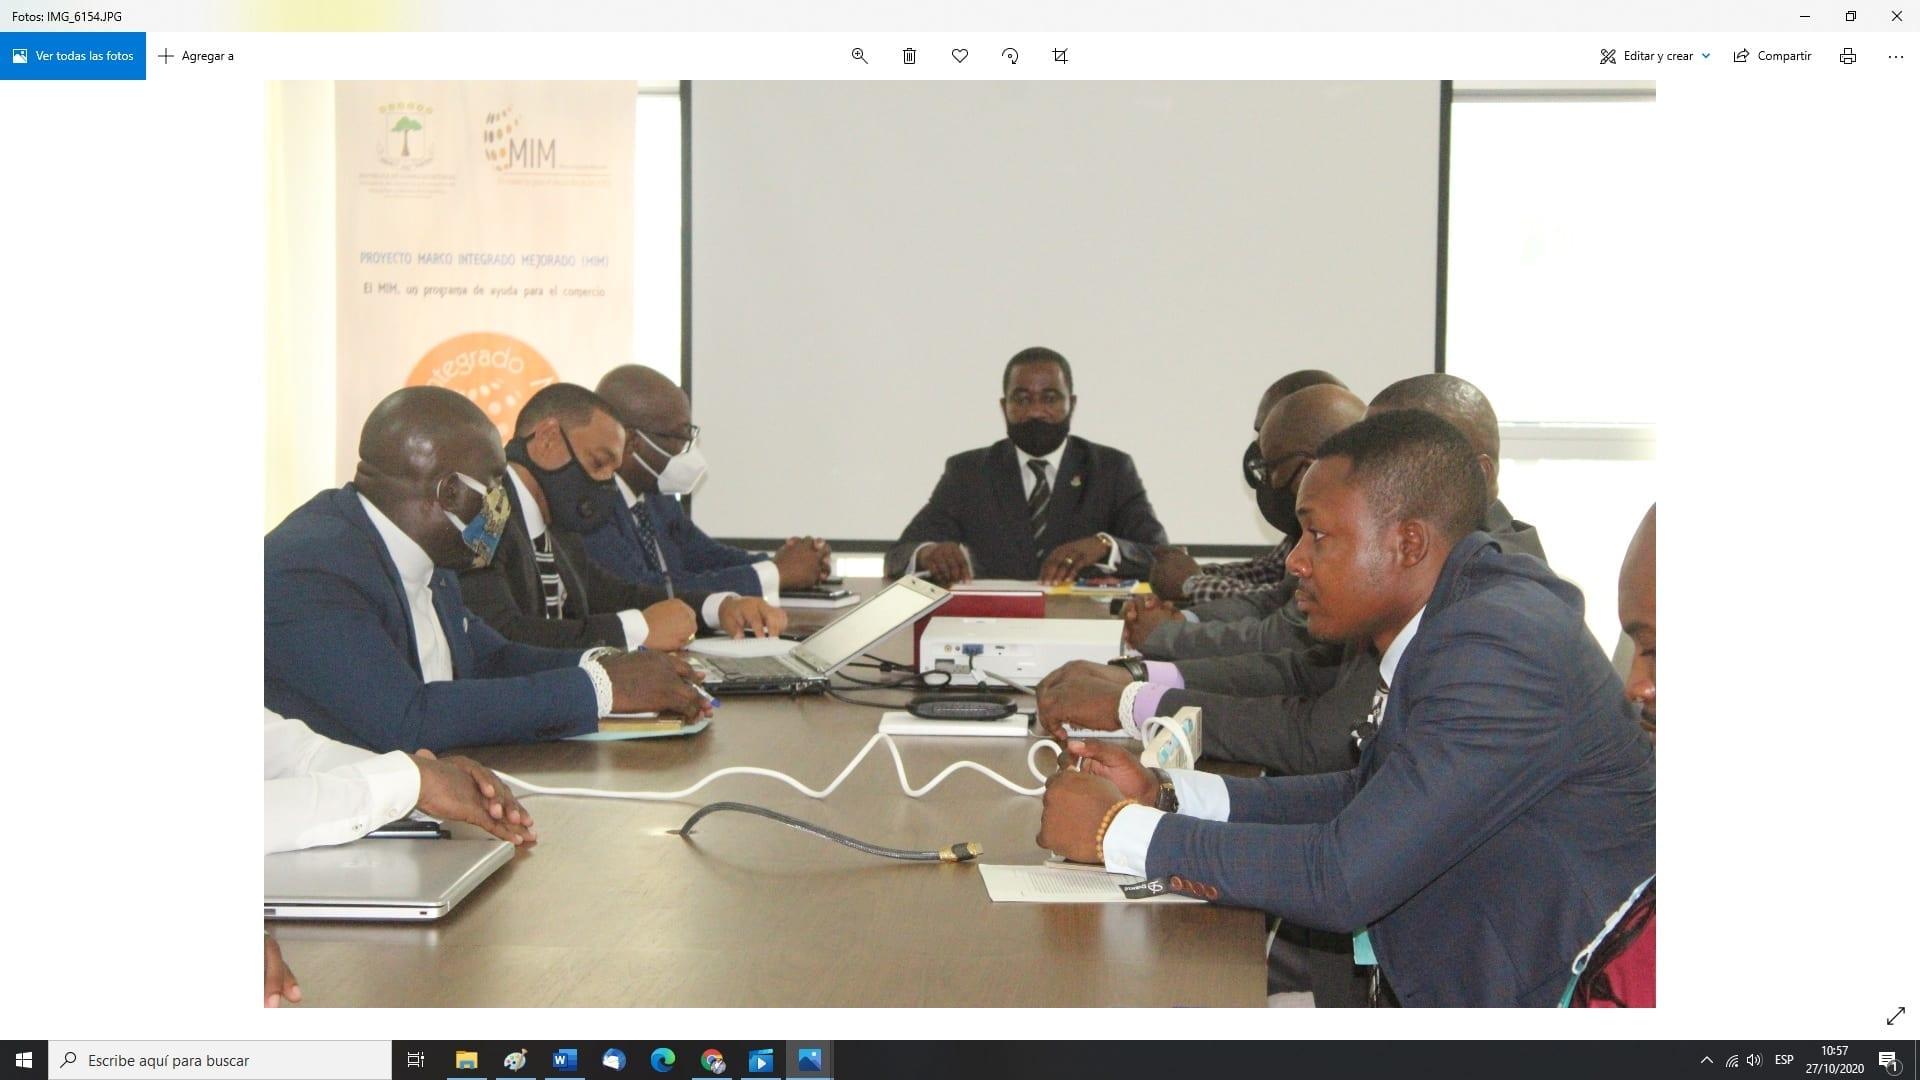 El proyecto del MIM organiza un seminario dedicado a empresarios y personal técnico del Ministerio de Comercio.